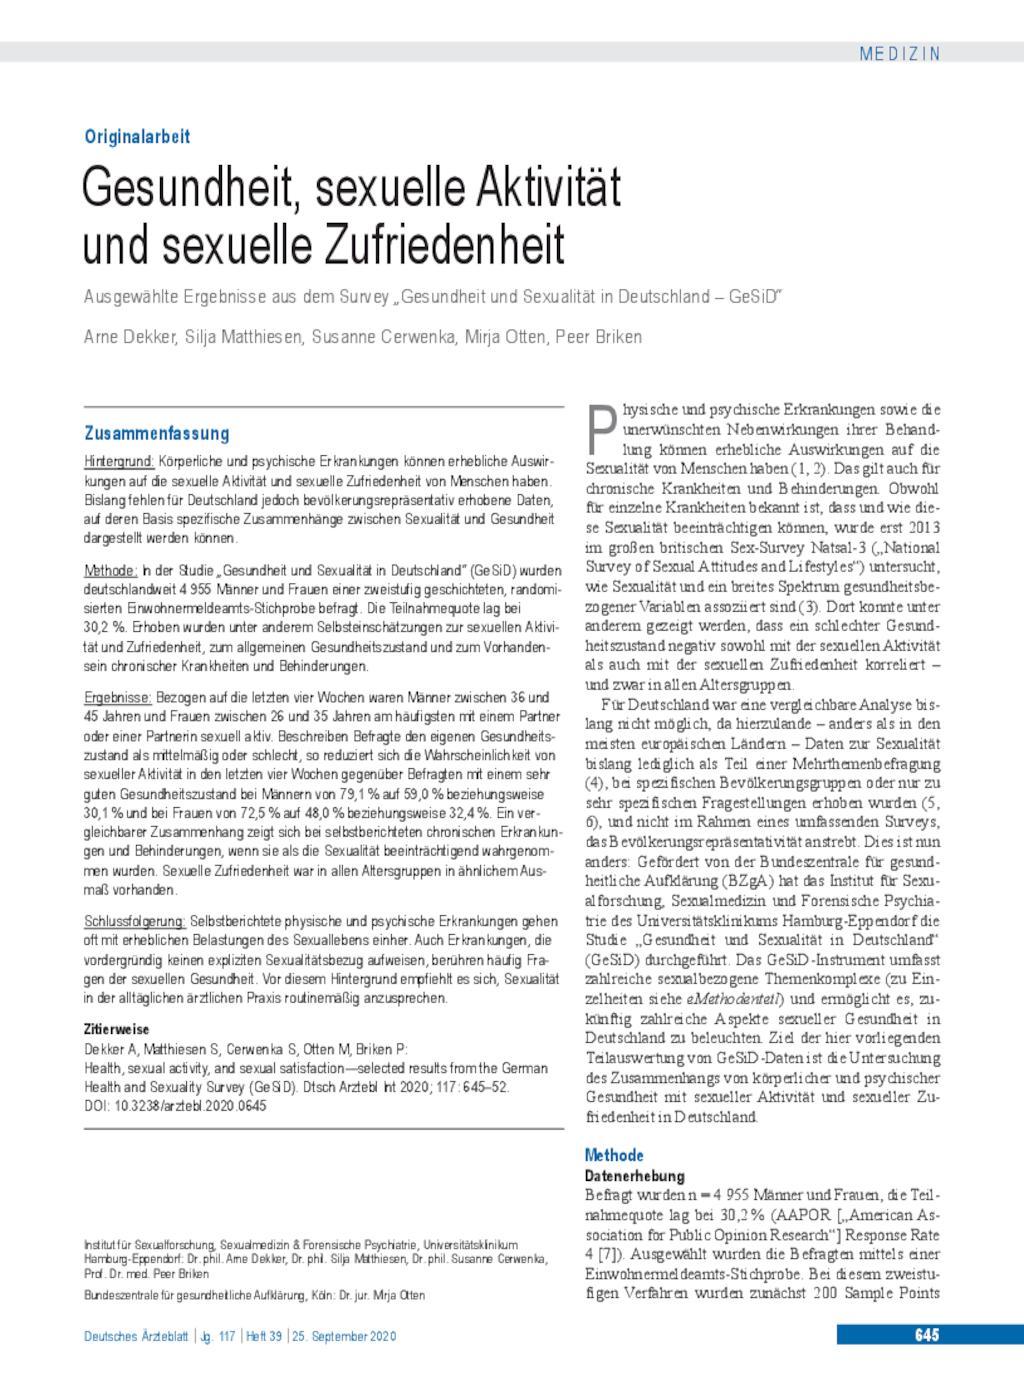 Gesundheit, sexuelle Aktivität und sexuelle Zufriedenheit